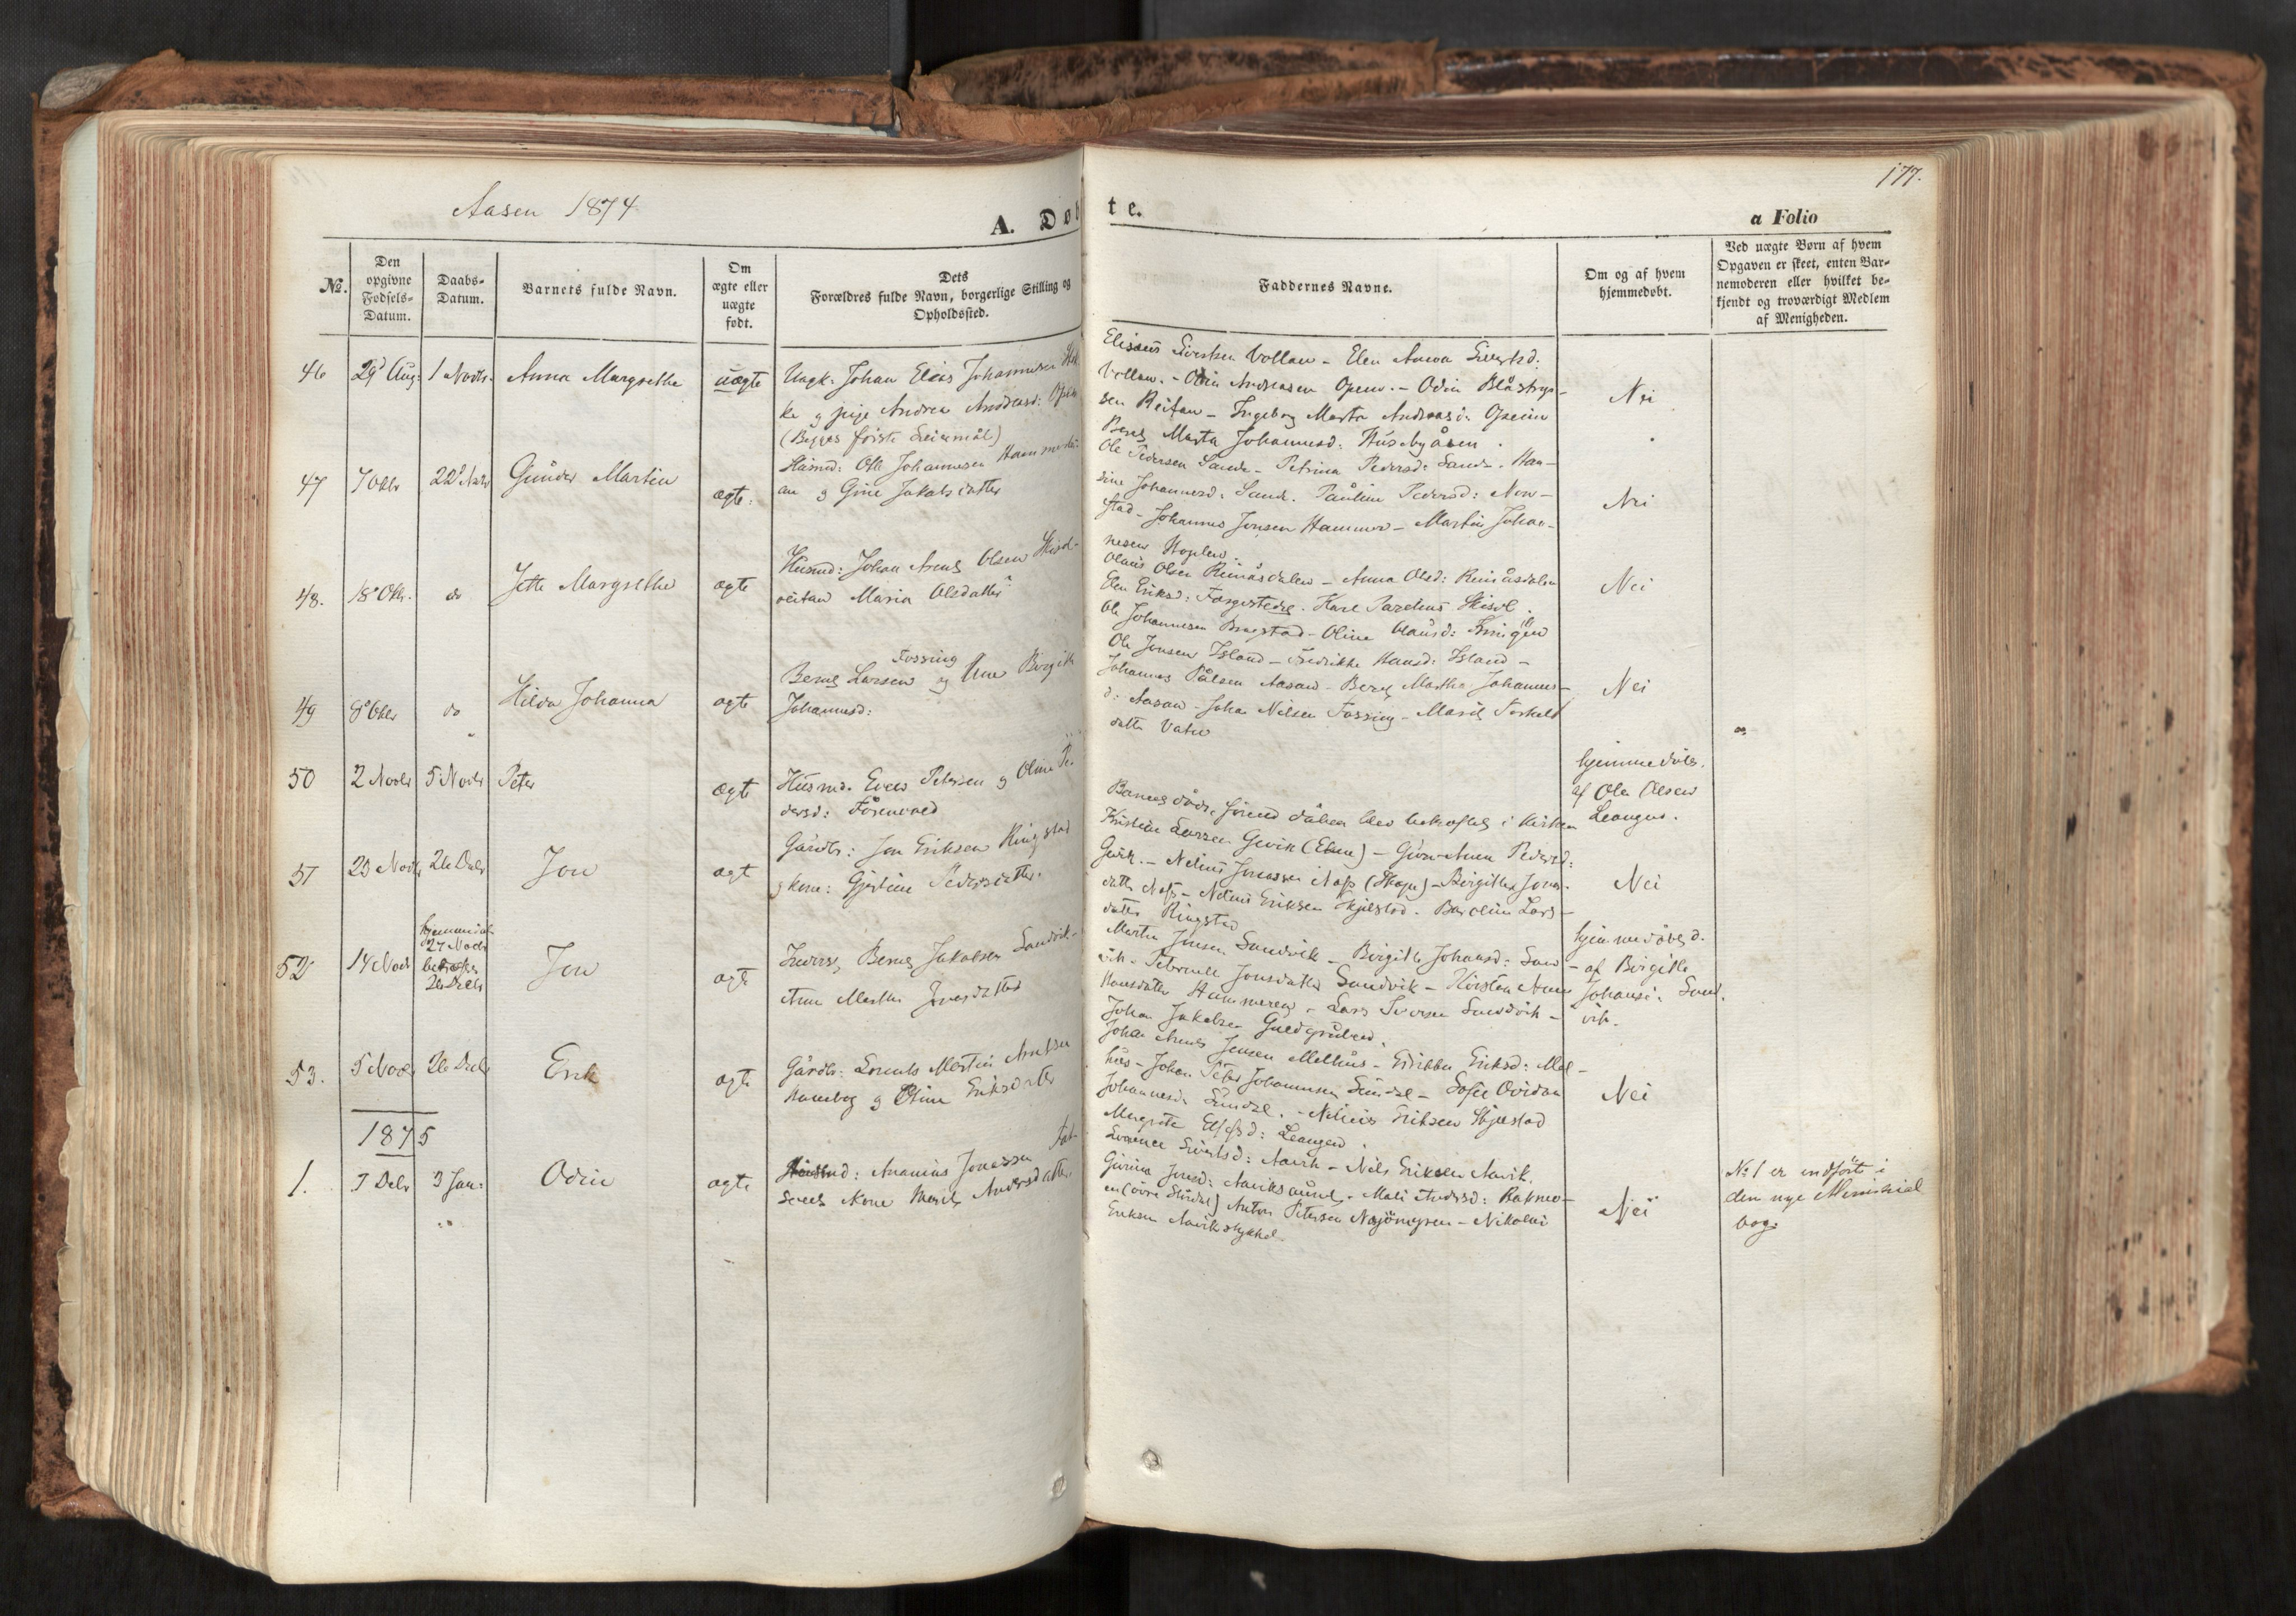 SAT, Ministerialprotokoller, klokkerbøker og fødselsregistre - Nord-Trøndelag, 713/L0116: Ministerialbok nr. 713A07, 1850-1877, s. 177